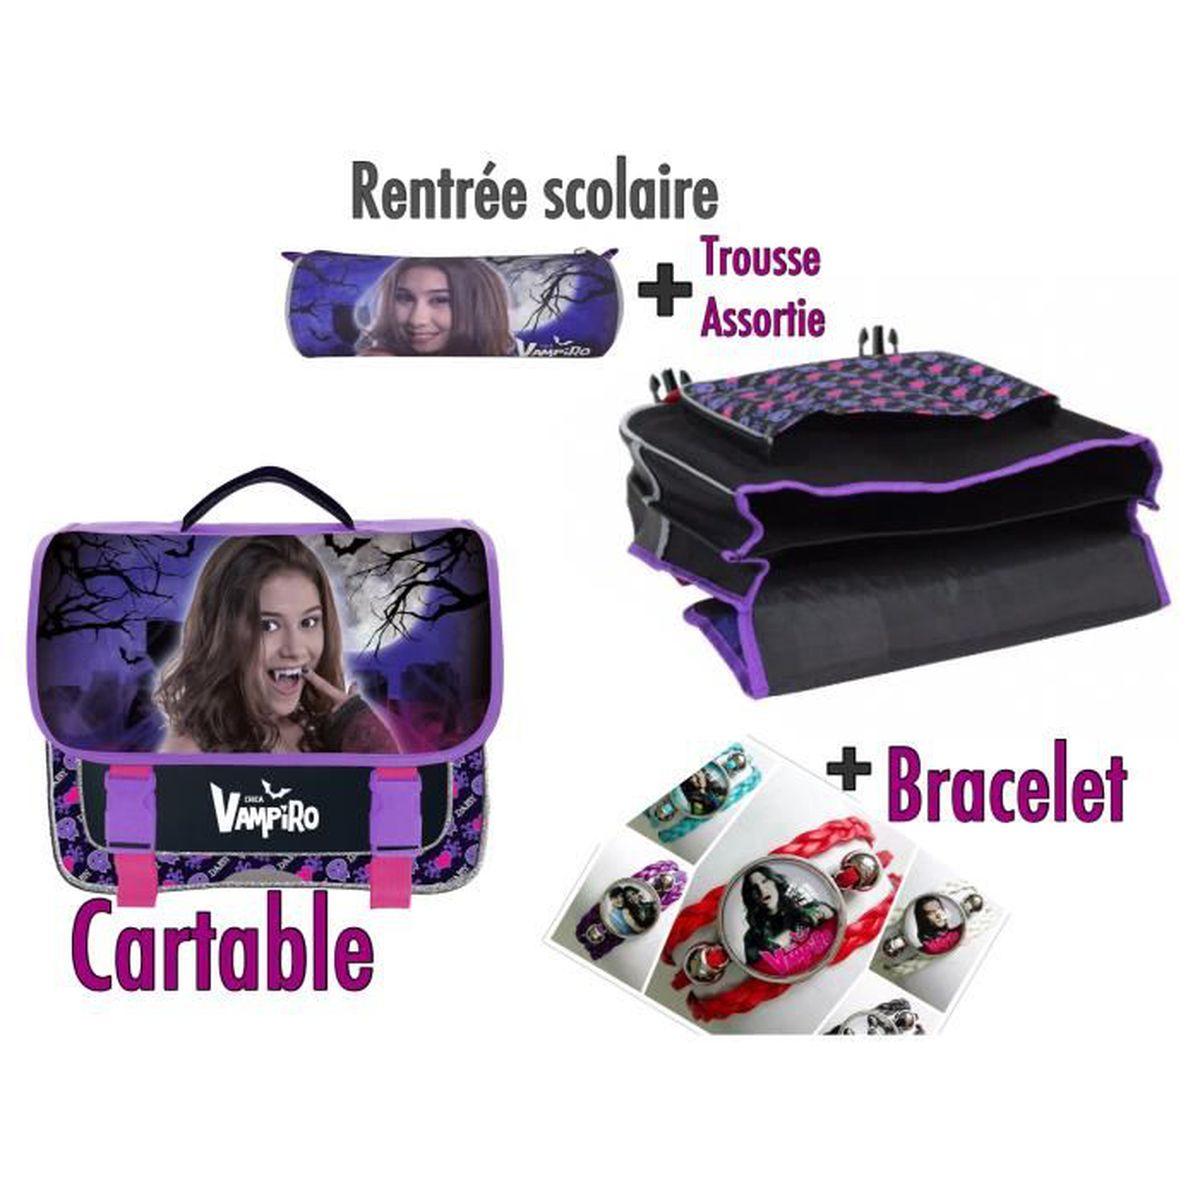 rentr e scolaire cartable et trousse d 39 cole daisy chica vampiro achat vente cartable. Black Bedroom Furniture Sets. Home Design Ideas